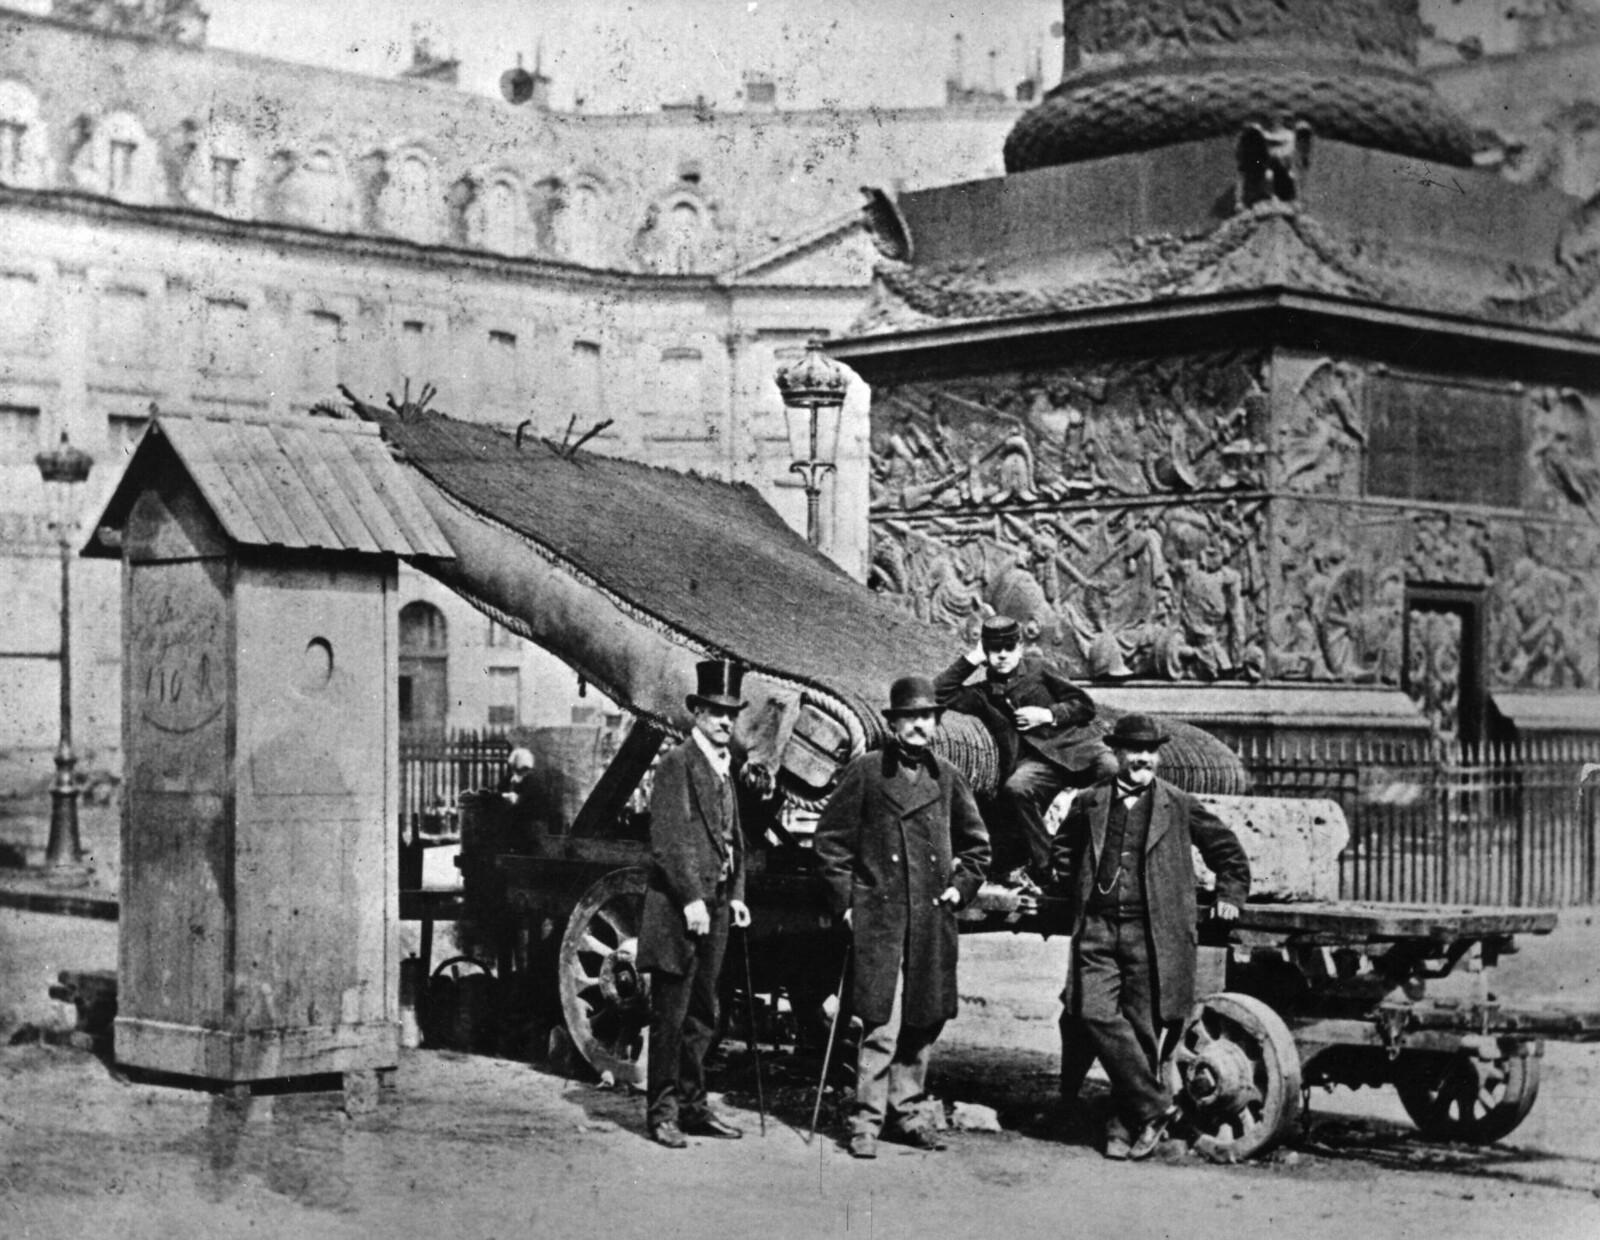 01. 1870. Баррикада, установленная на Вандомской площади в Париже во время франко-прусской войны